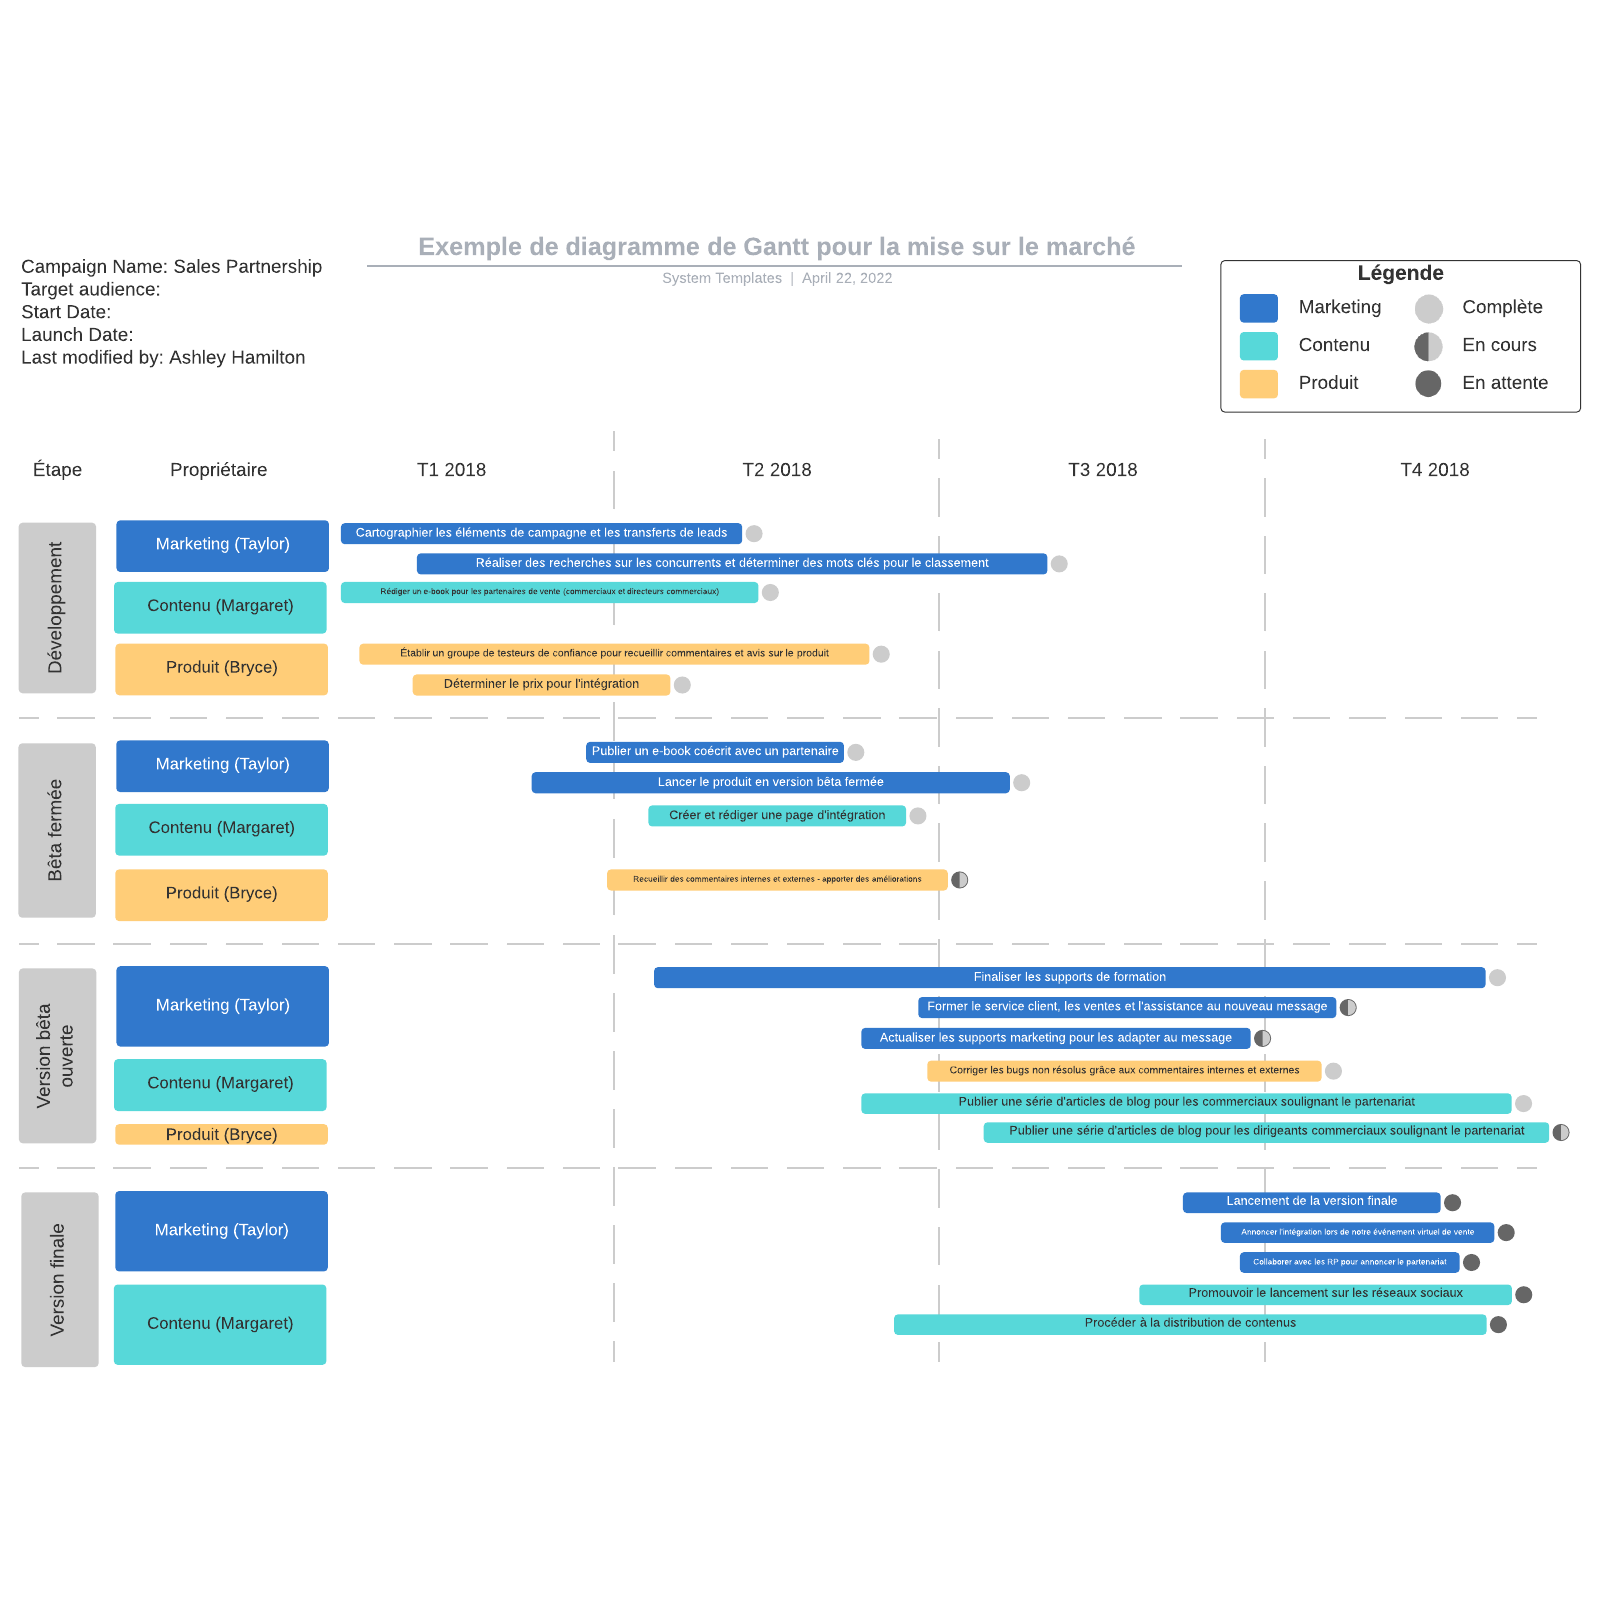 exemple de diagramme de Gantt pour la mise sur le marché